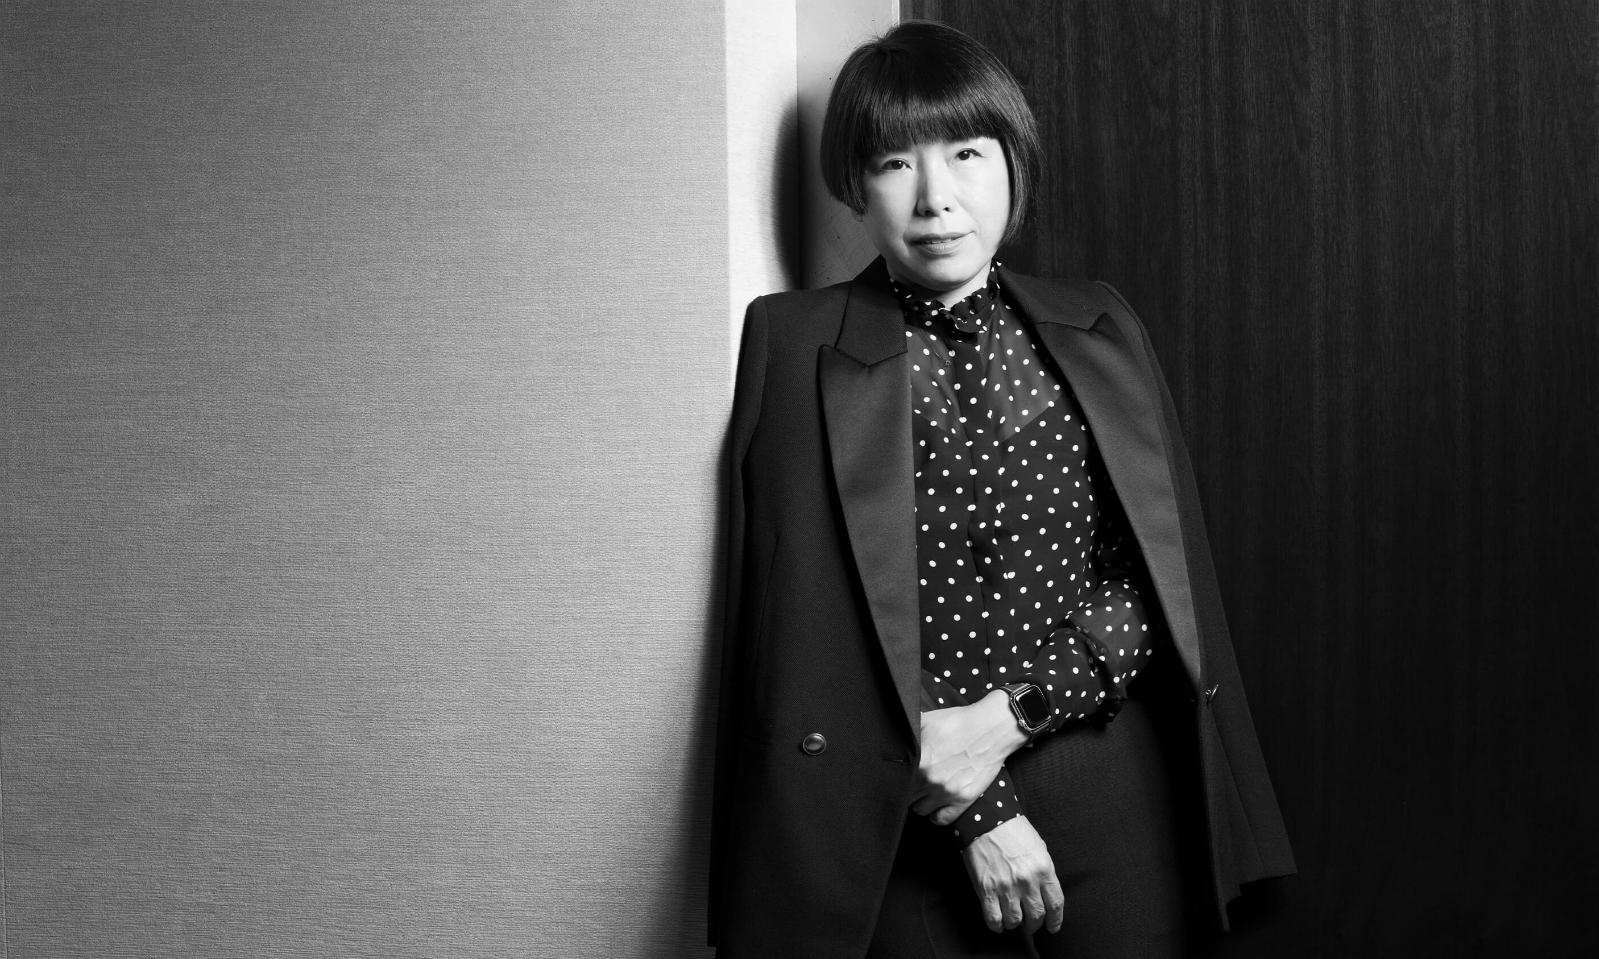 《VOGUE》中国版主编张宇正式离任